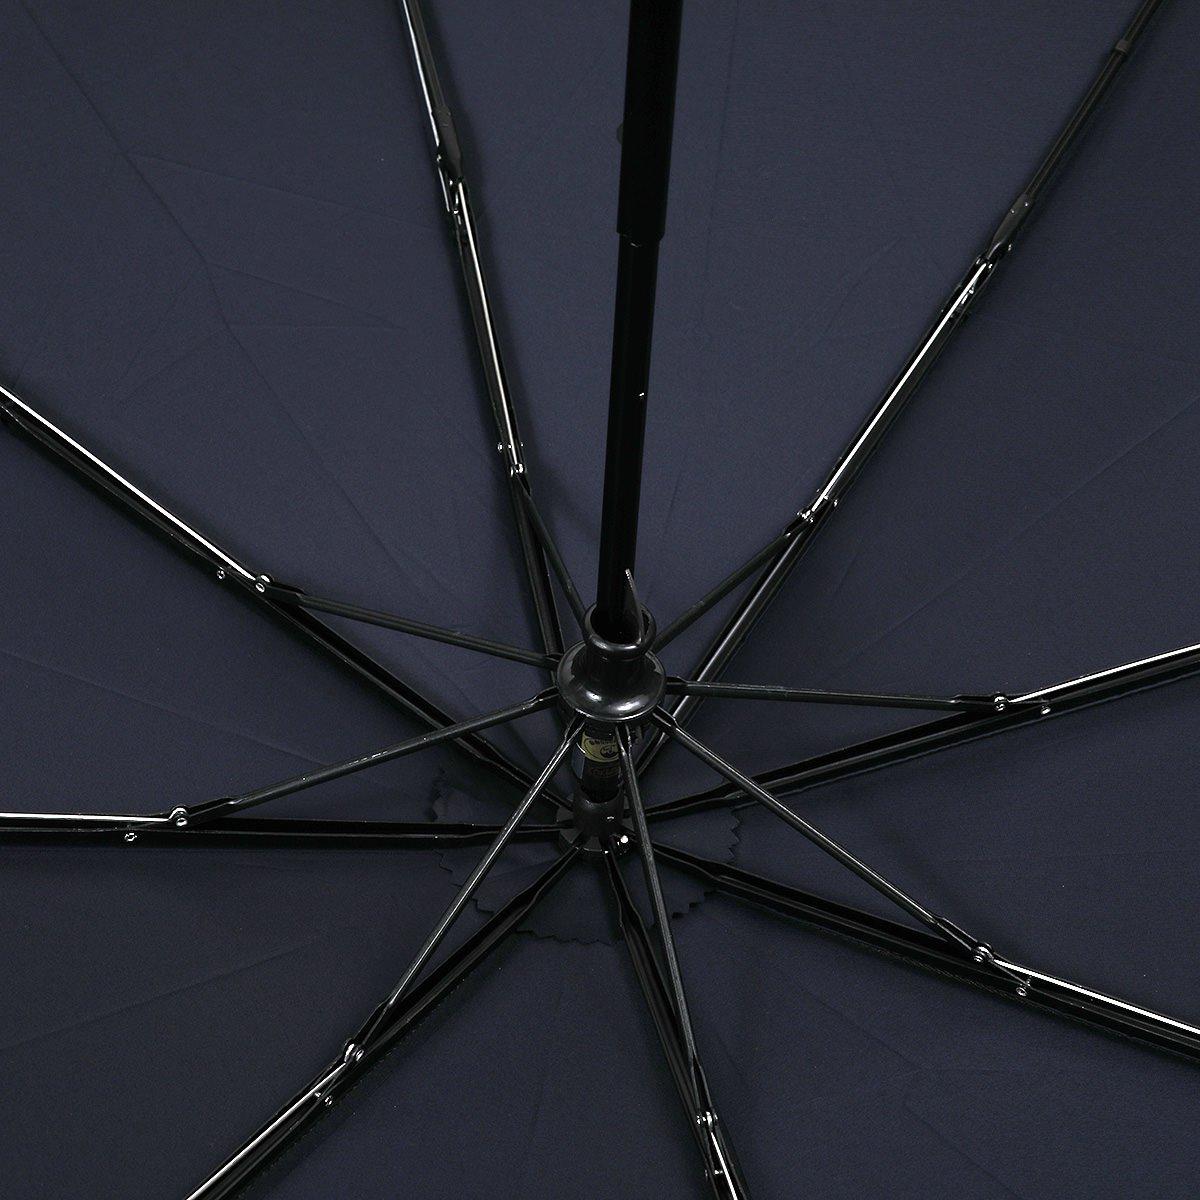 【公式限定】強力撥水 レインドロップ レクタス 耐風骨 折りたたみ傘 詳細画像7